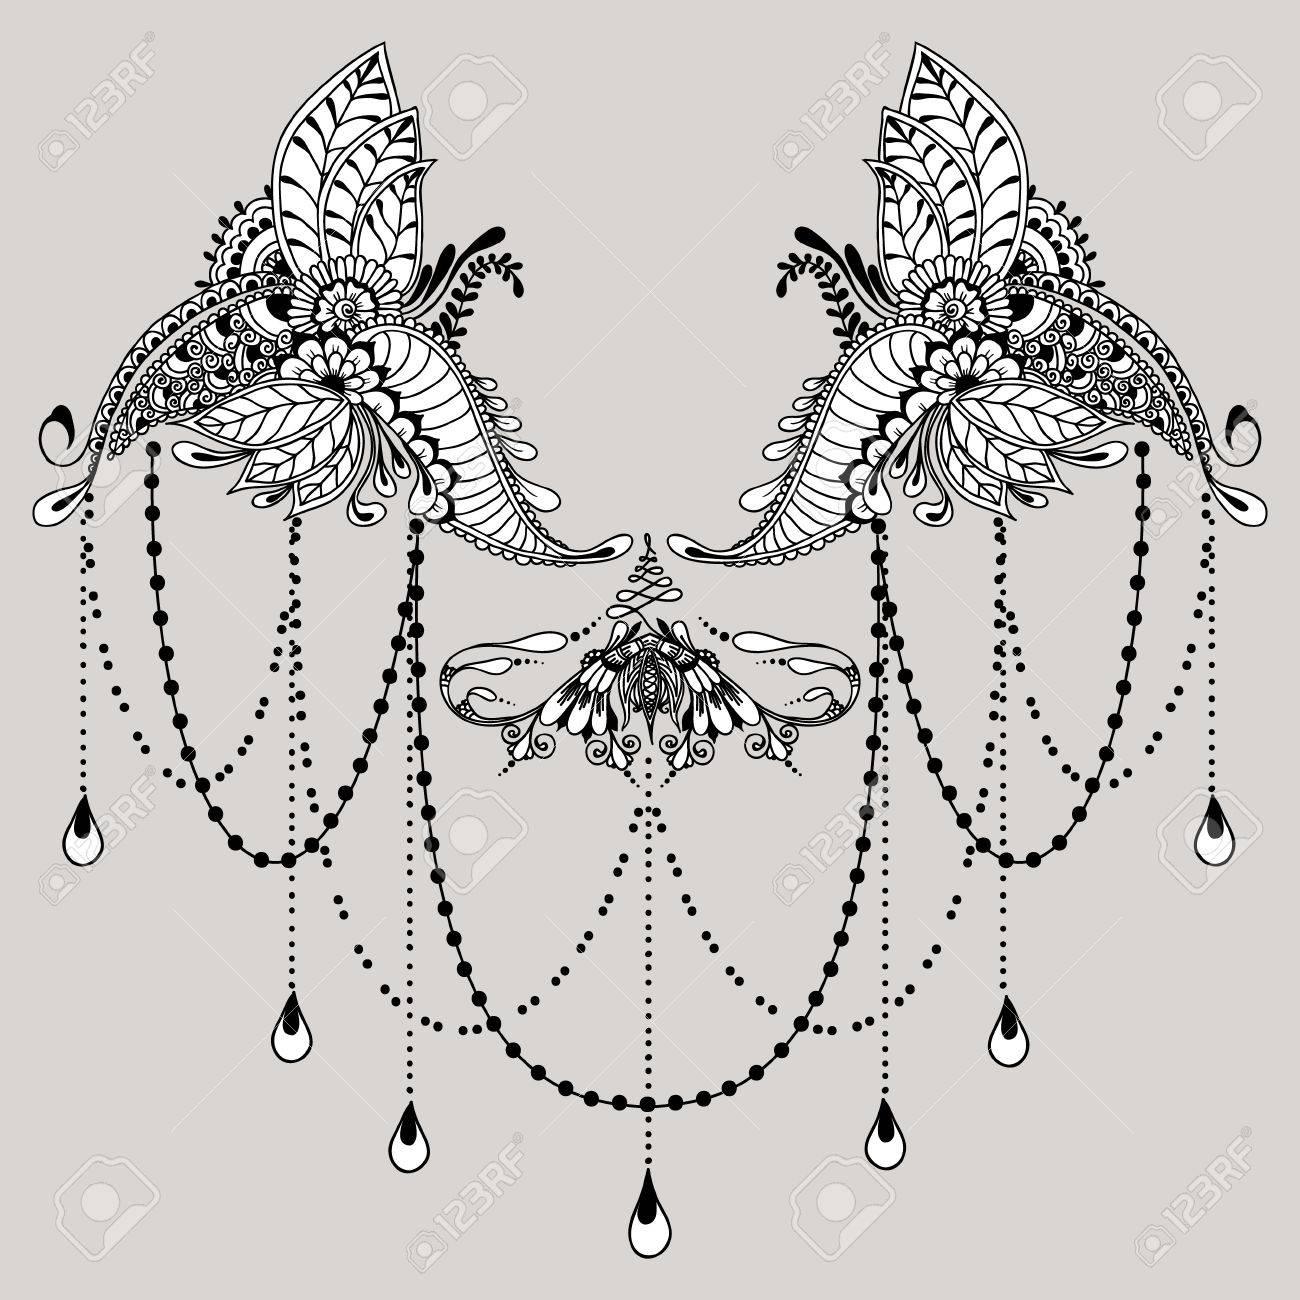 Vorlage Für Tattoo-Design Mit Mehndi Elemente. Blumenverzierung ...